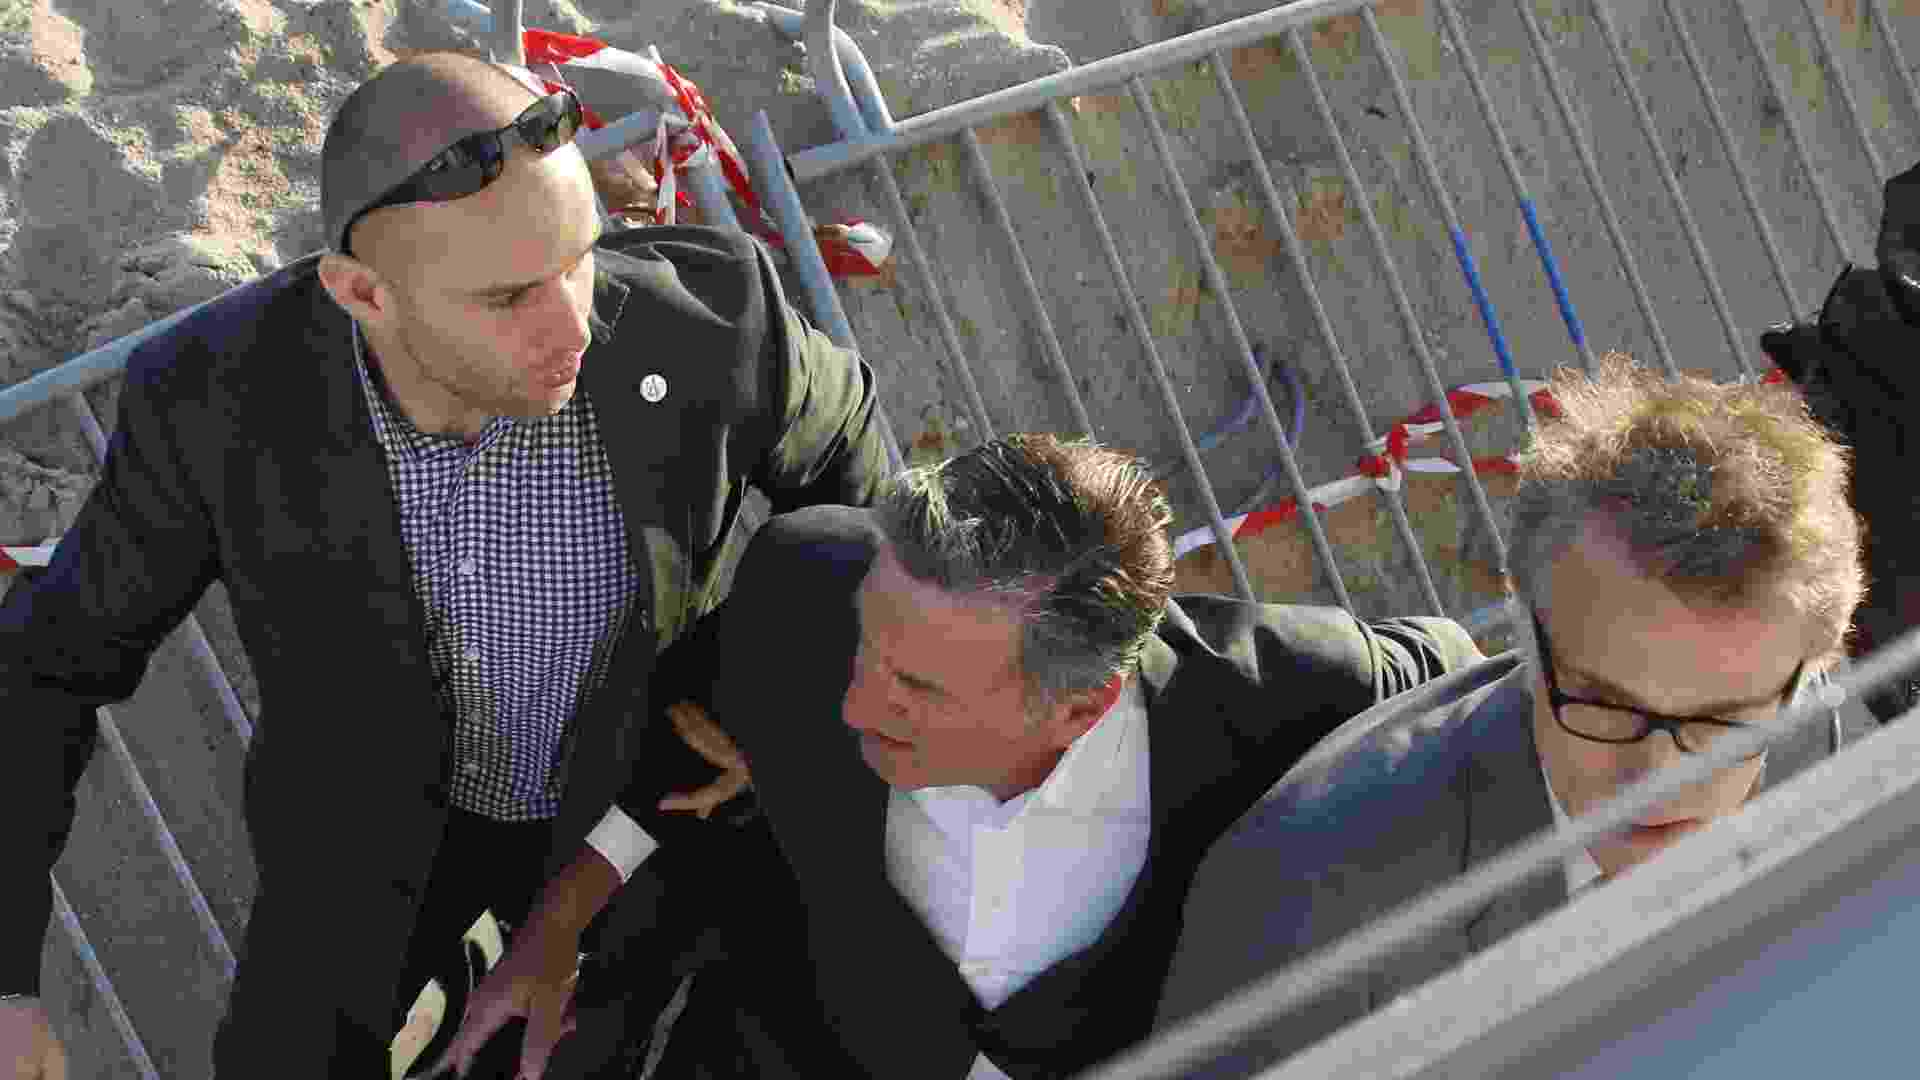 17.mai.2013 - Os atores Daniel Auteuil e Christoph Waltz são retirados às pressas do set de filmagem de um programa de uma televisão francesa após relatos de disparos em Cannes - Loic Venance/AFP